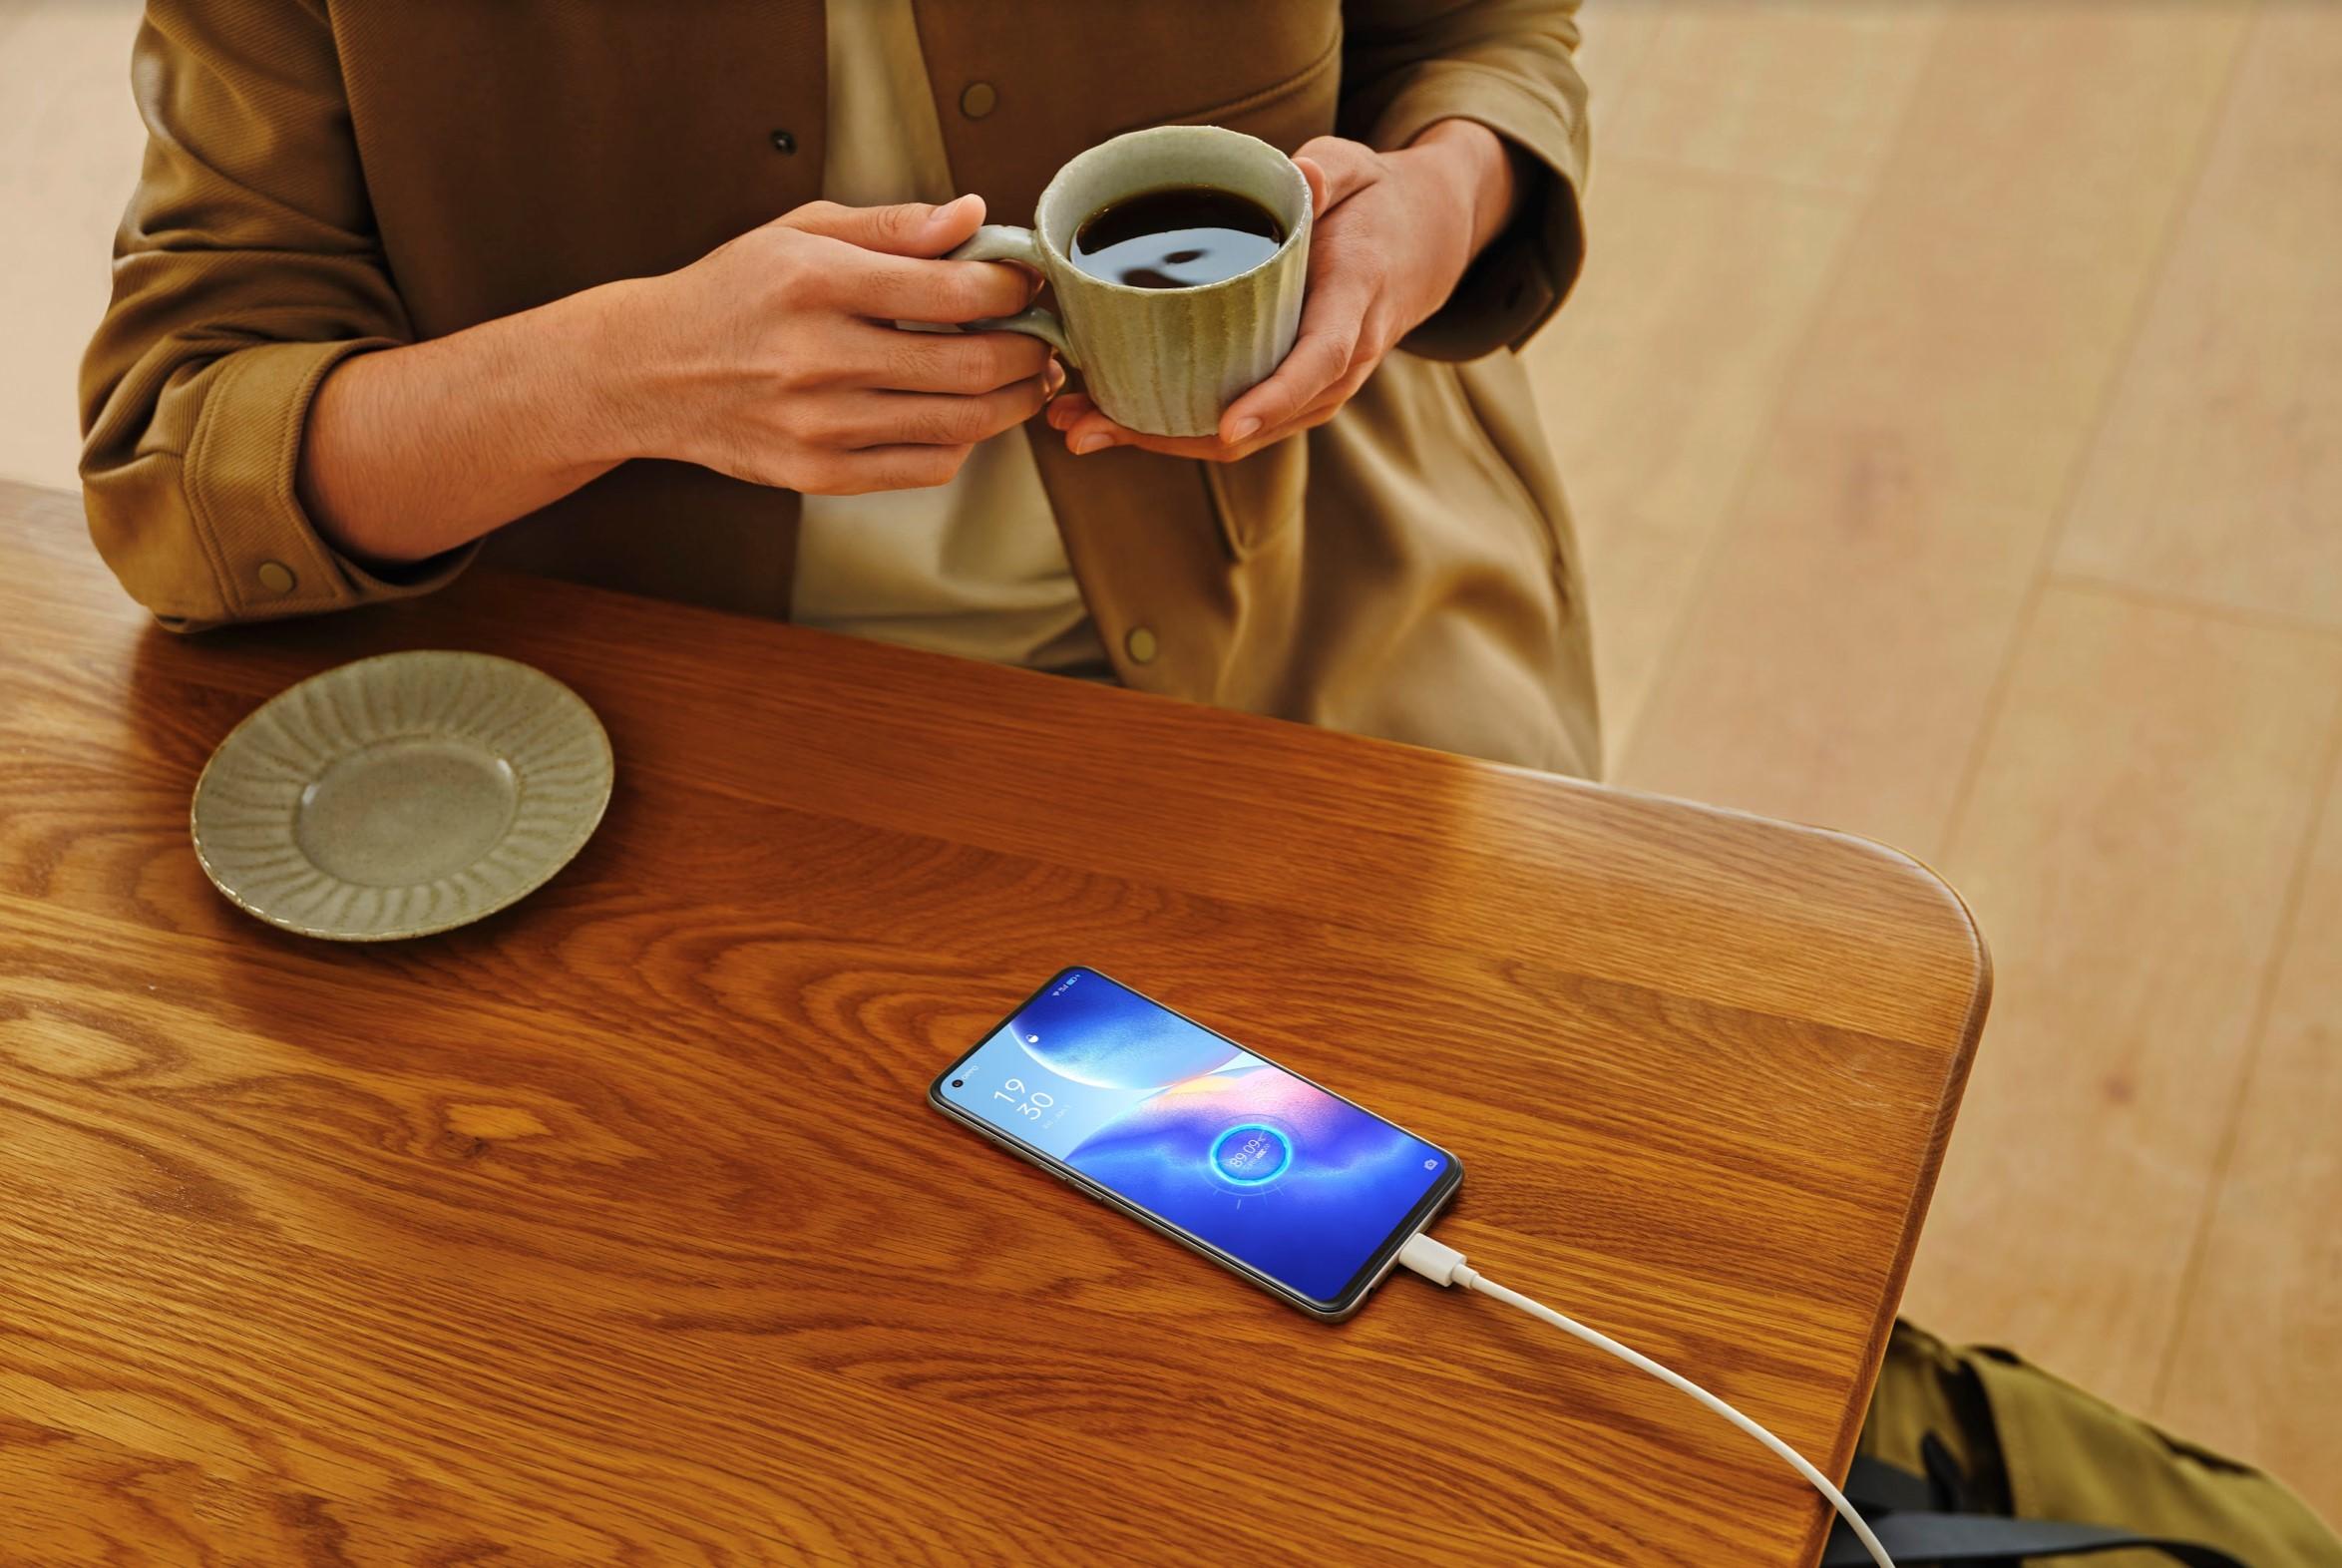 Oppo trang bị công nghệ sạc nhanh SuperVOOC 2.0 65 W trên dòng điện thoại mới Reno5 5G